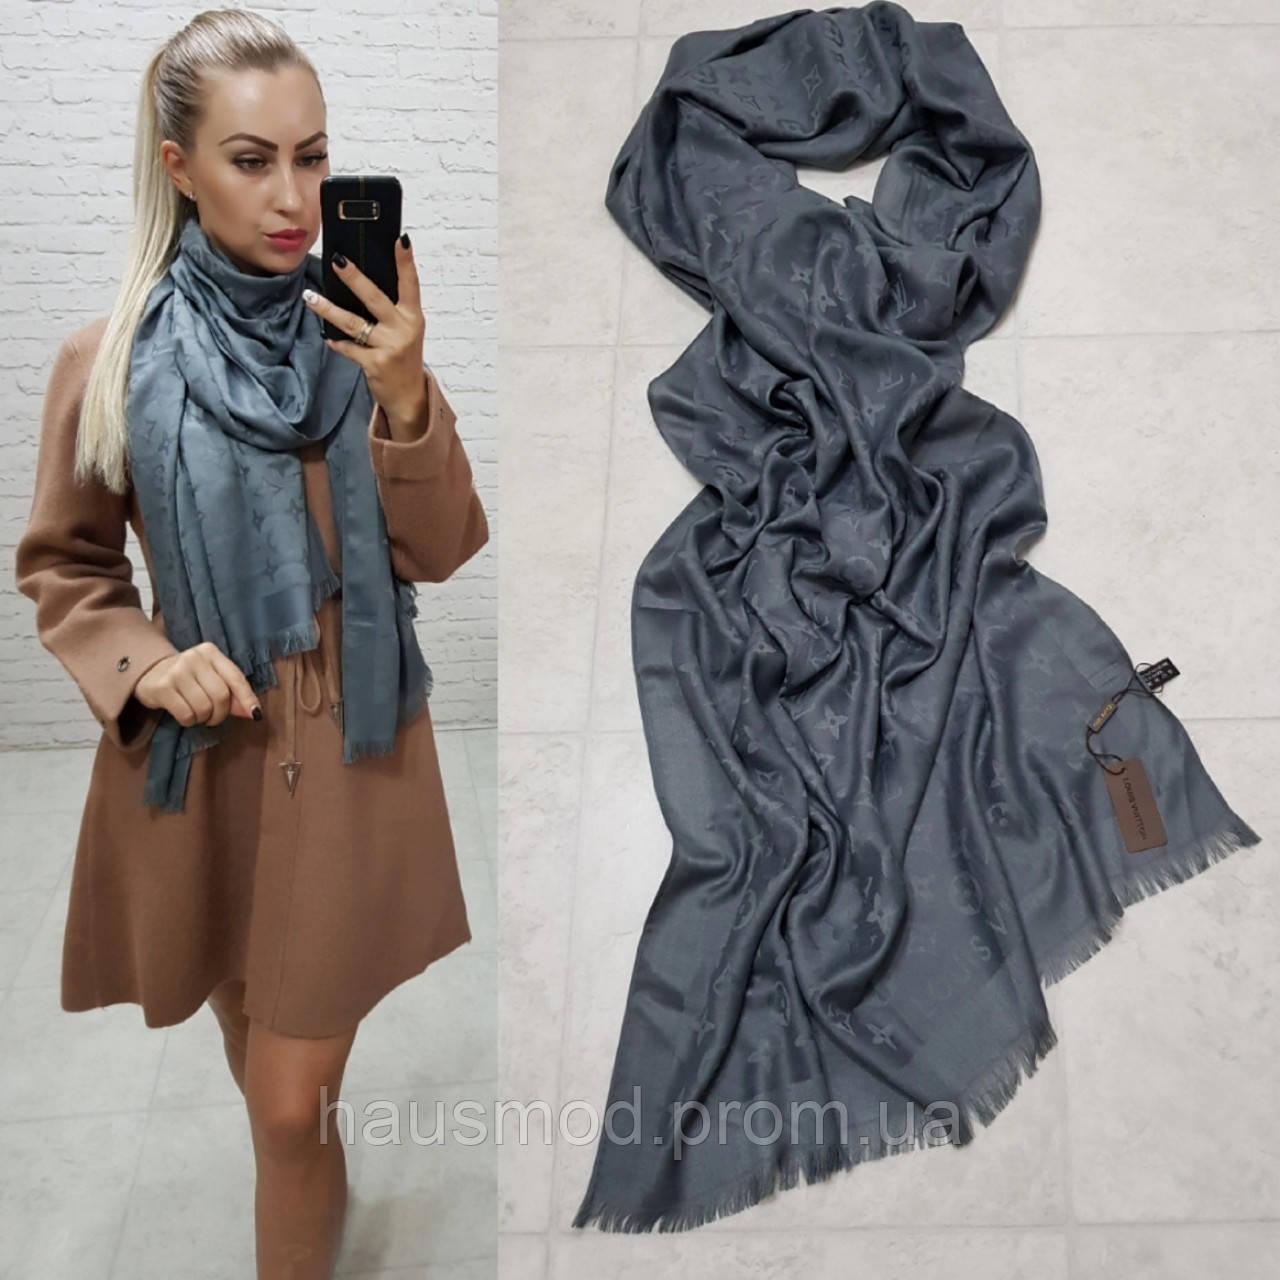 Женский палантин шарф брендовый репликаLouis Vuitton65% шелк 35% кашемир размер 190×0.70 см цвет графит